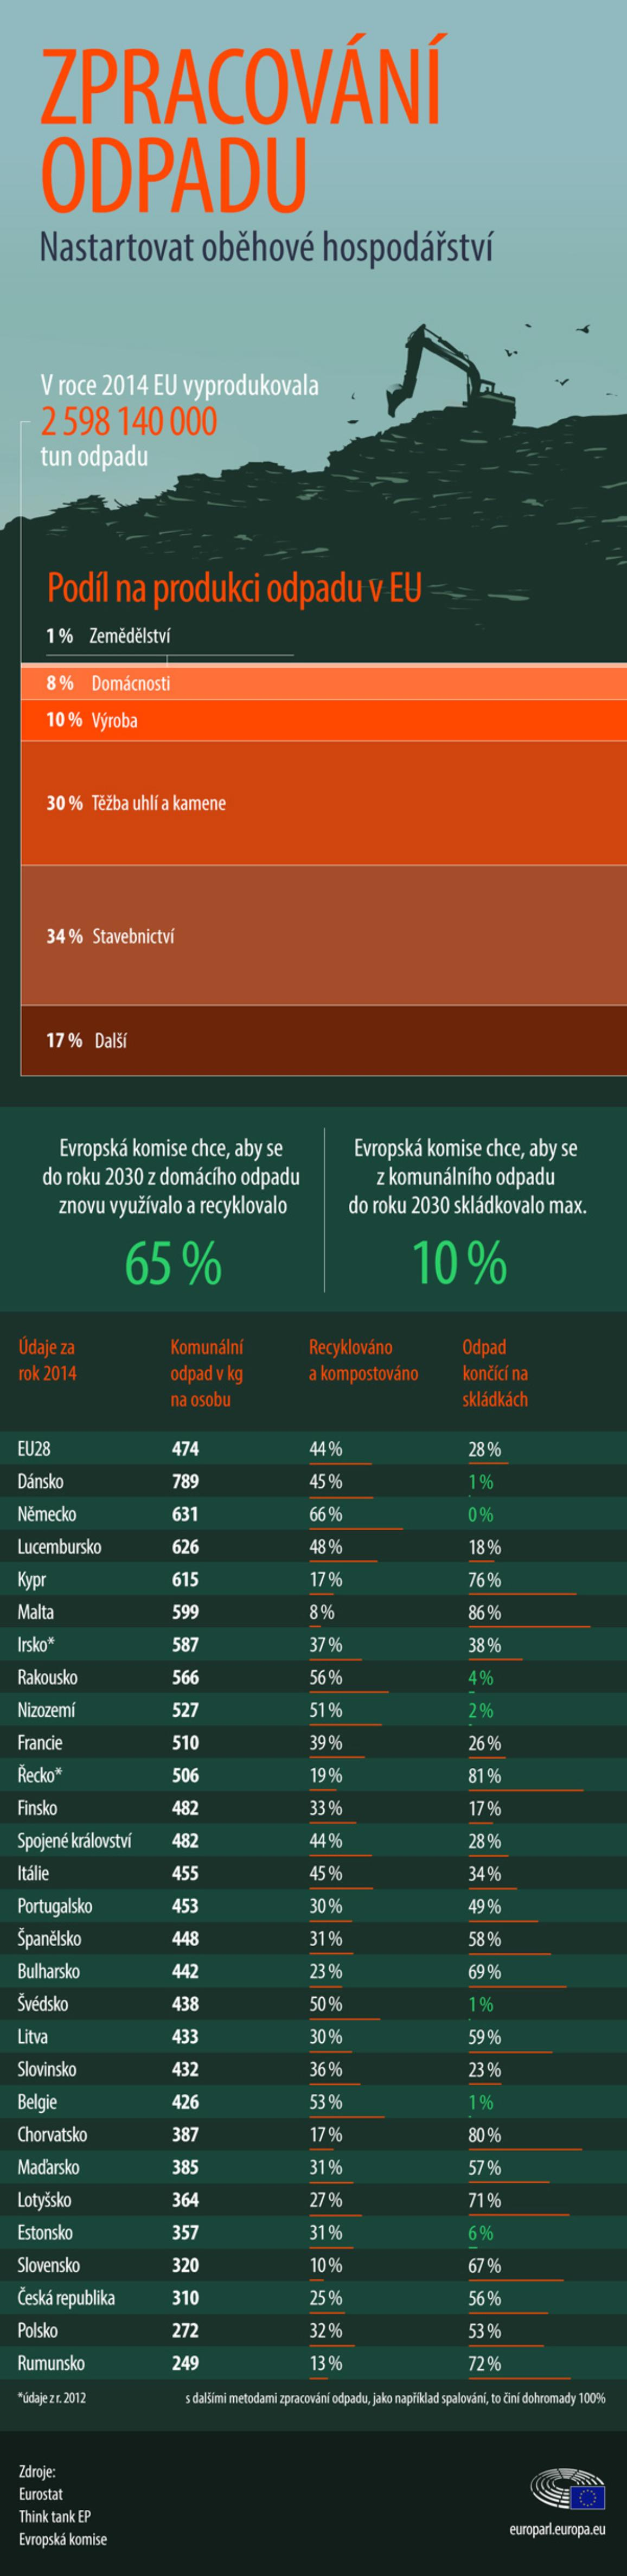 infografická ilustrace o zpracování opadu v EU a podílu recyklace